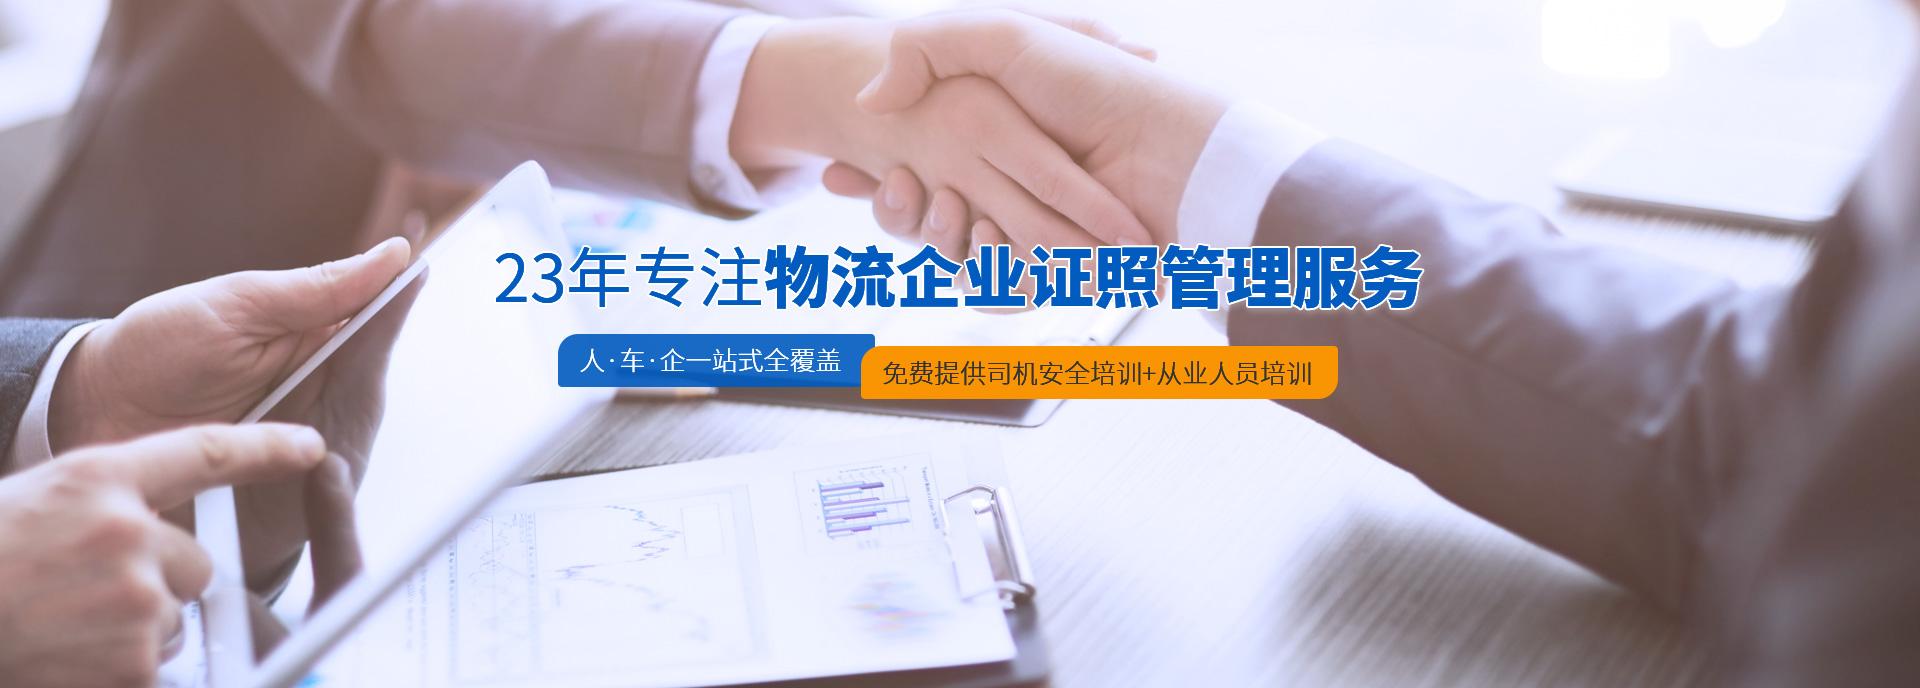 捷诚-23年专注物流企业证照管理服务